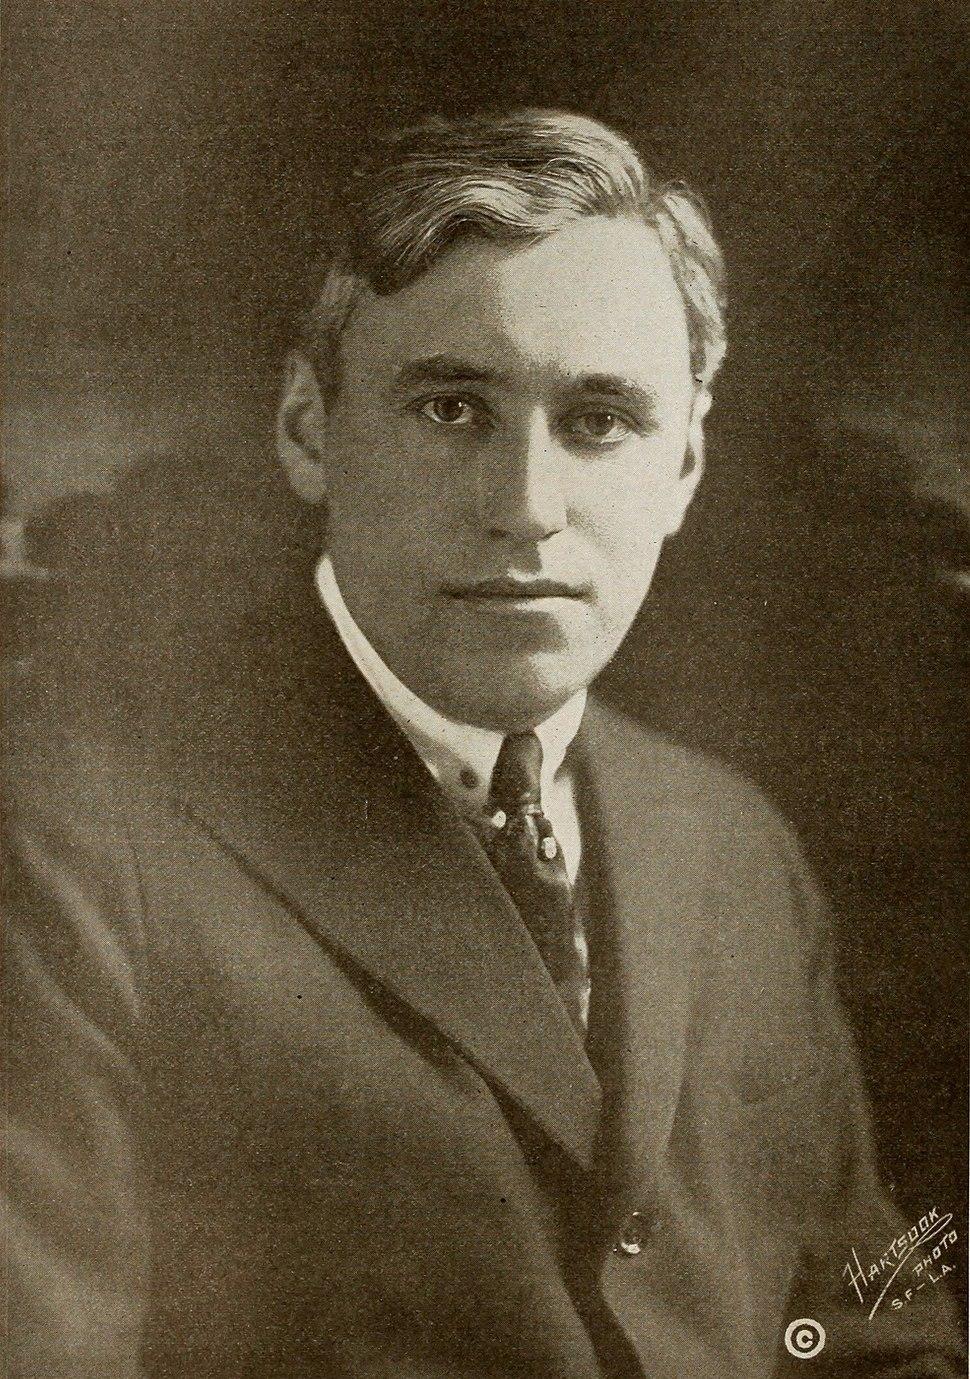 Mack Sennett 1916